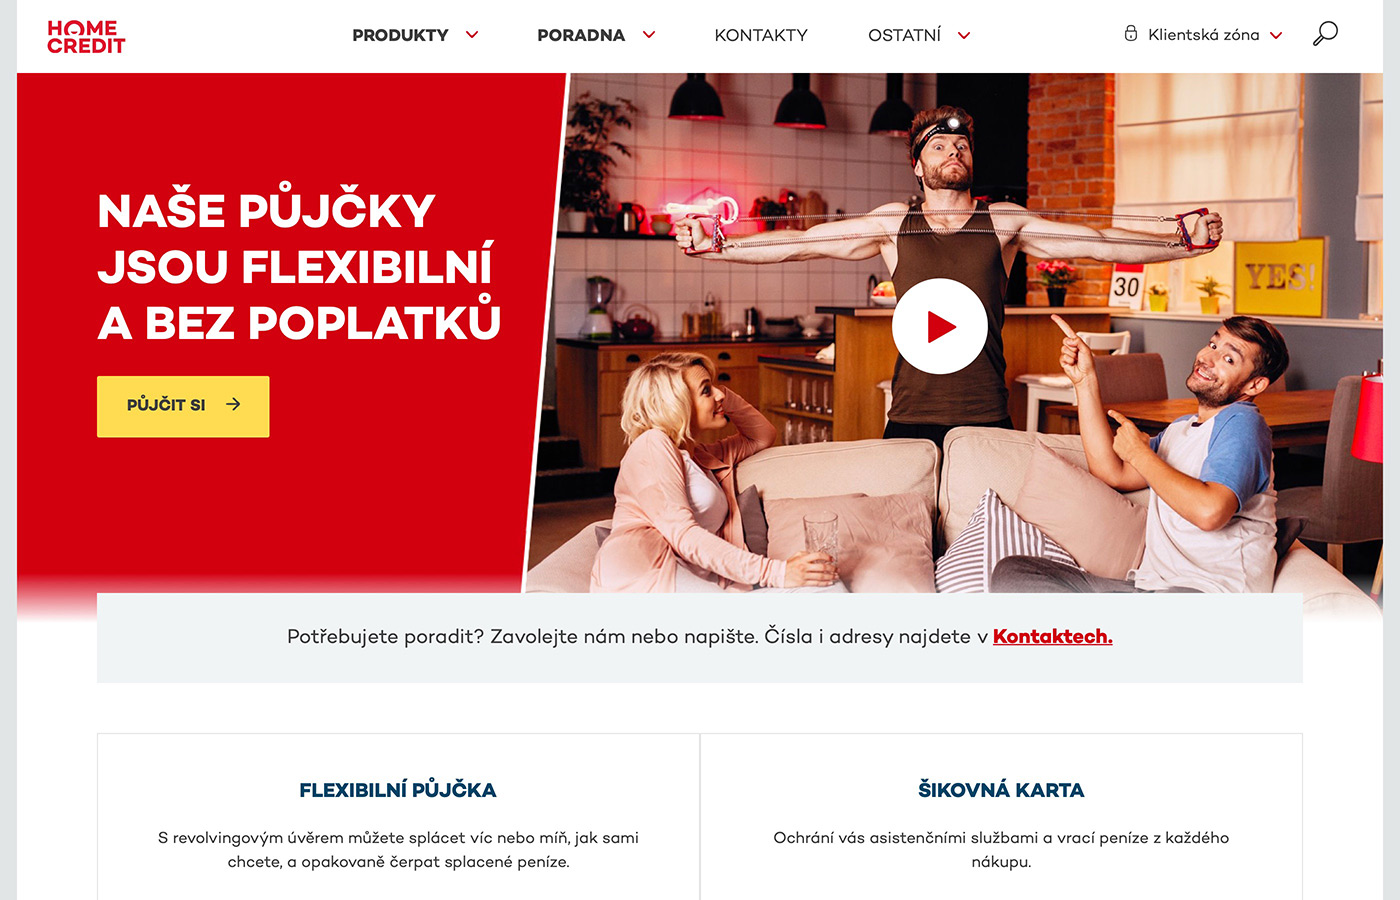 Webové stránky https://www.homecredit.cz